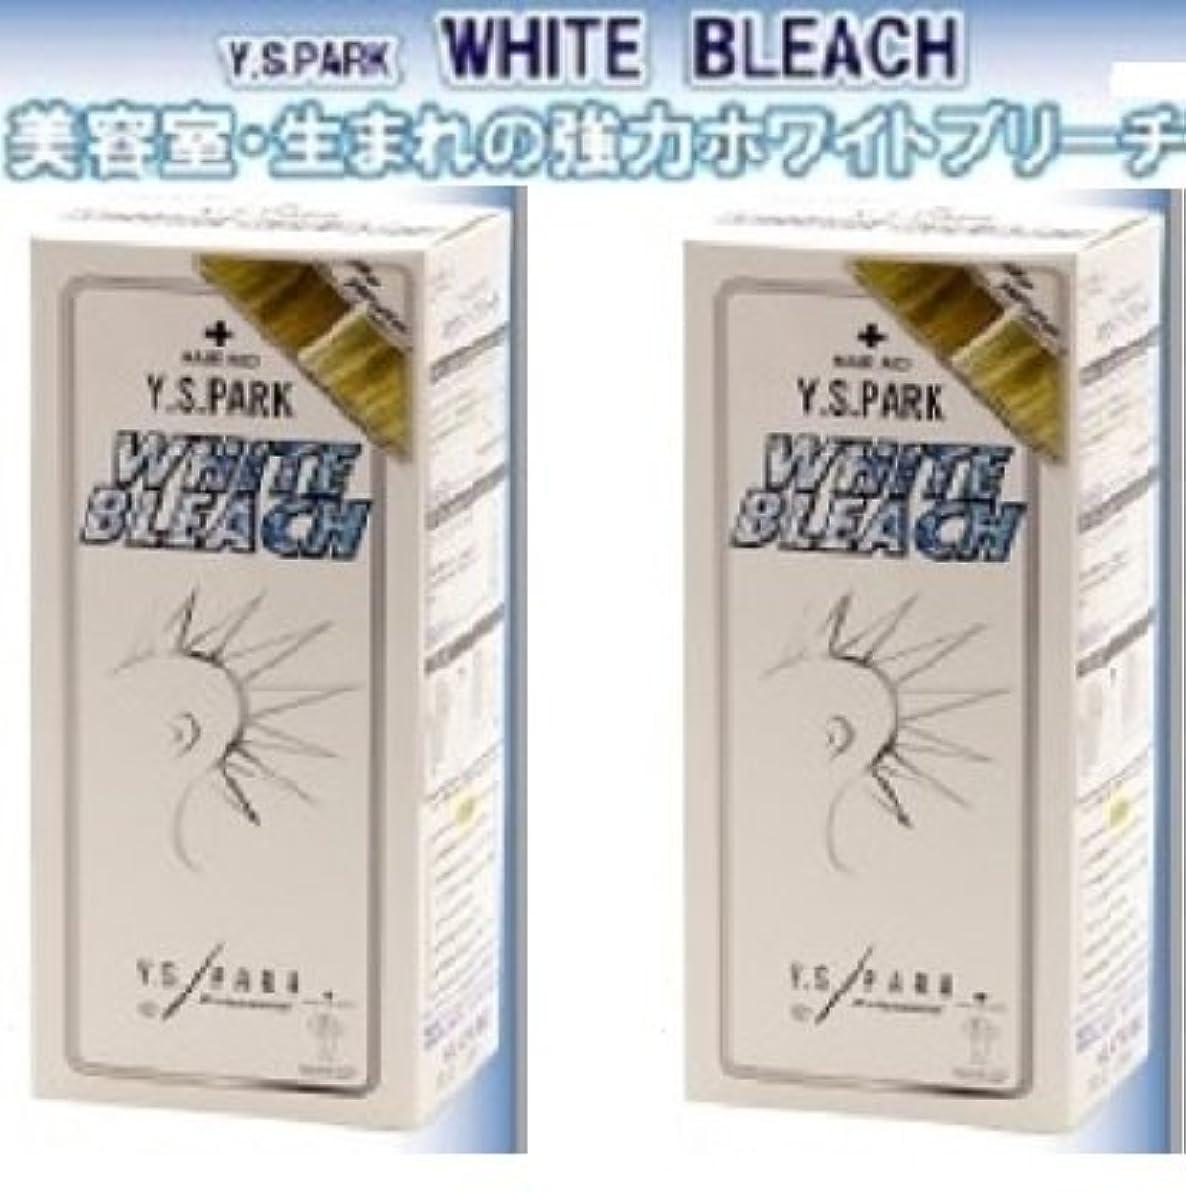 アヒル高度なウェーハ【YSPARK 】ホワイトブリーチ ×2個セット(お得な2個組)美容室生まれの強力ホワイトブリーチ